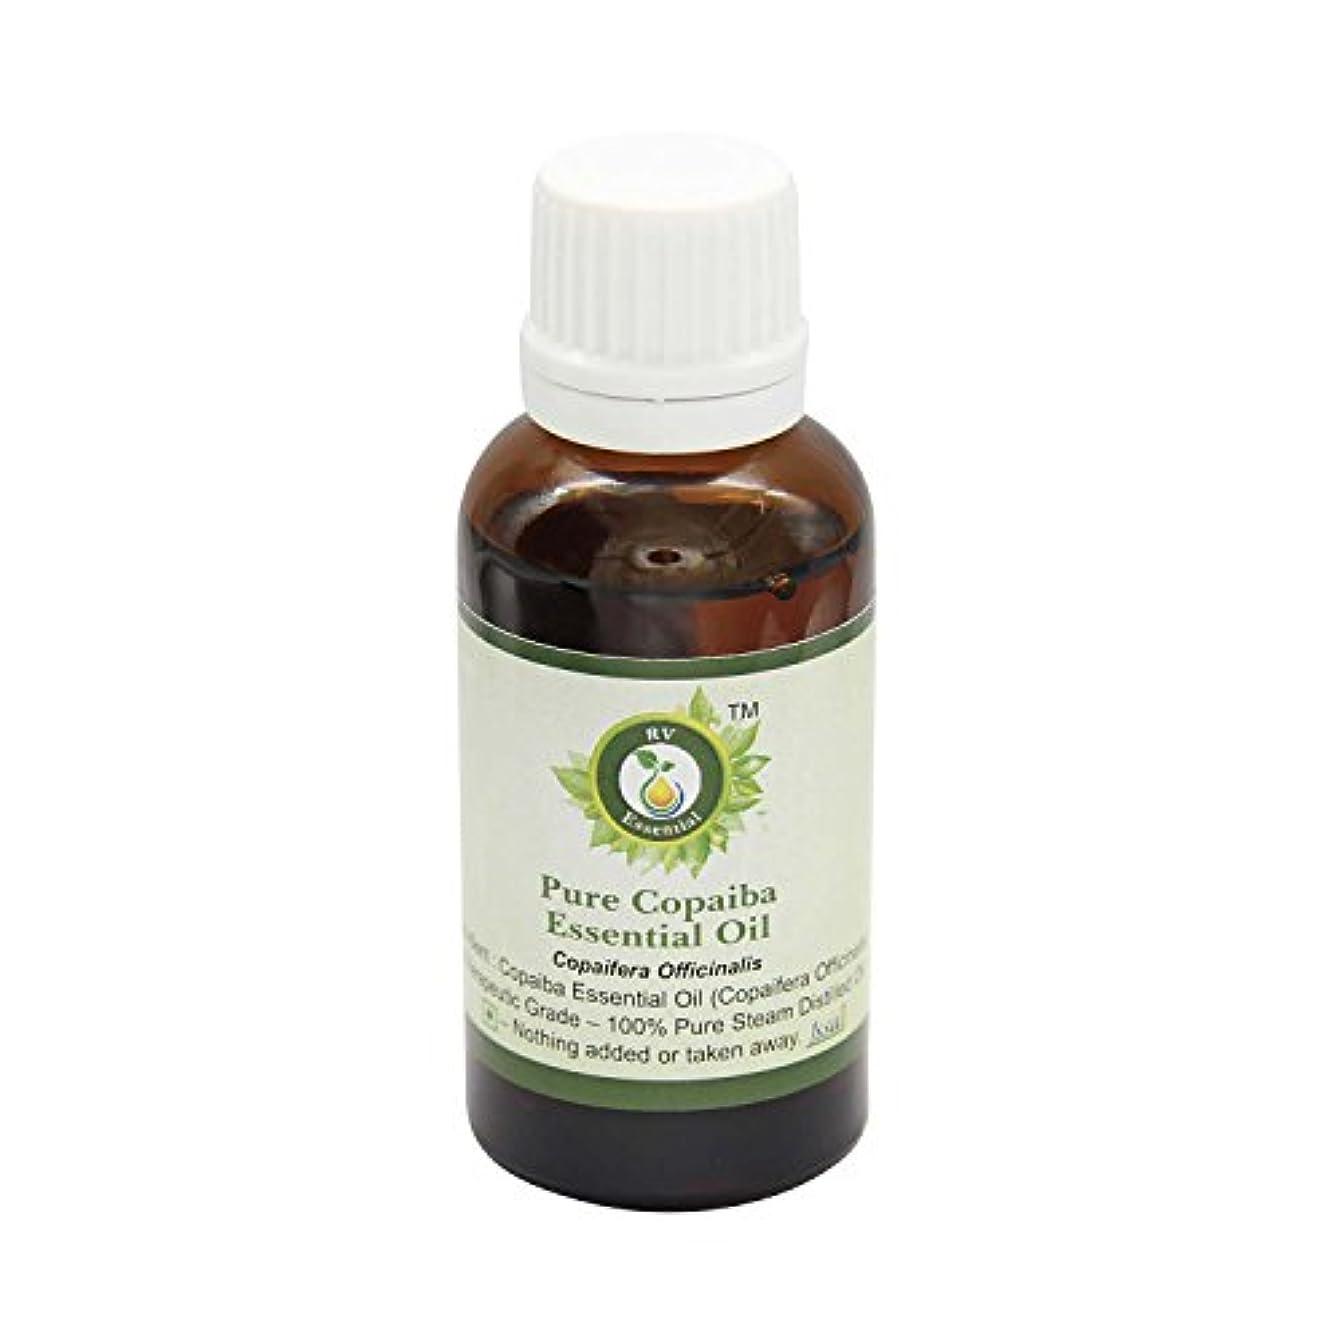 精神医学学士学士R V Essential ピュアコパイバエッセンシャルオイル30ml (1.01oz)- Copaifera Officinalis (100%純粋&天然スチームDistilled) Pure Copaiba Essential...